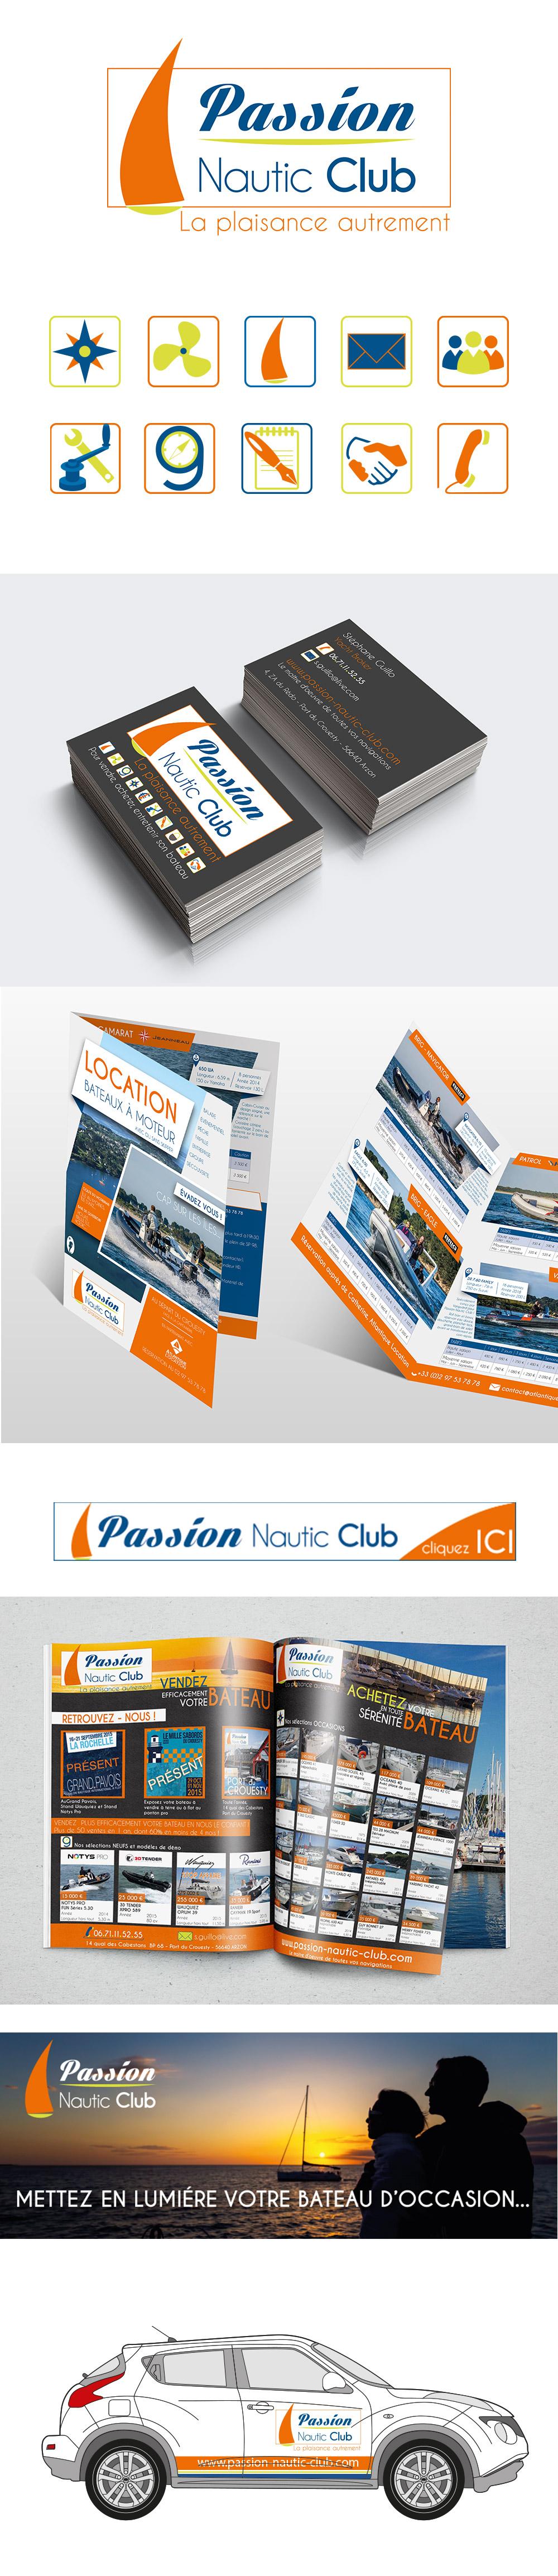 Identité visuelle - Passion Nautic Club - réalisée par Turkoiz Créations by Valérie Perrodo